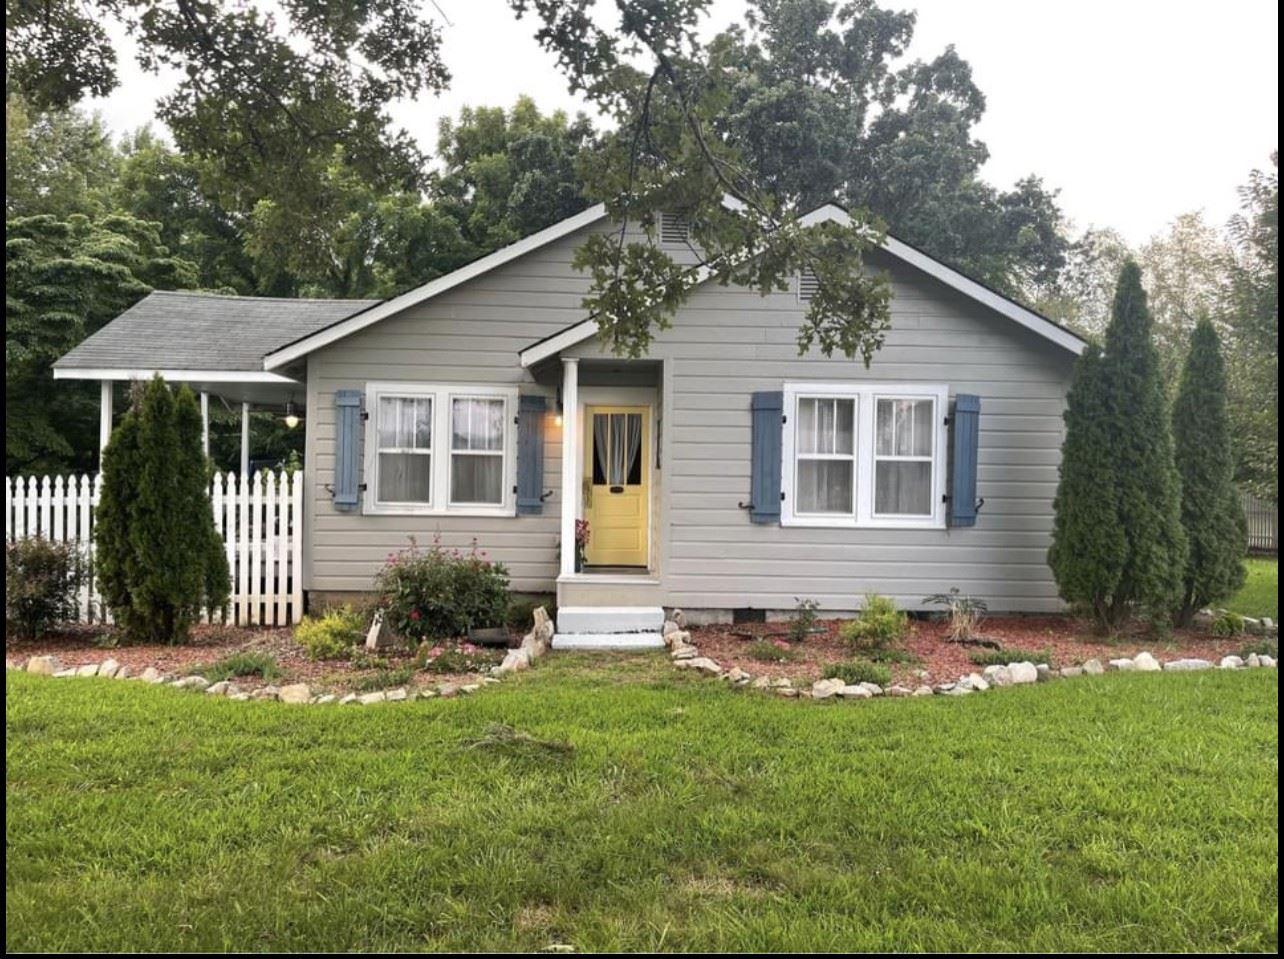 152 Indian Creek Rd, Huntland, TN 37345 - MLS#: 2281336